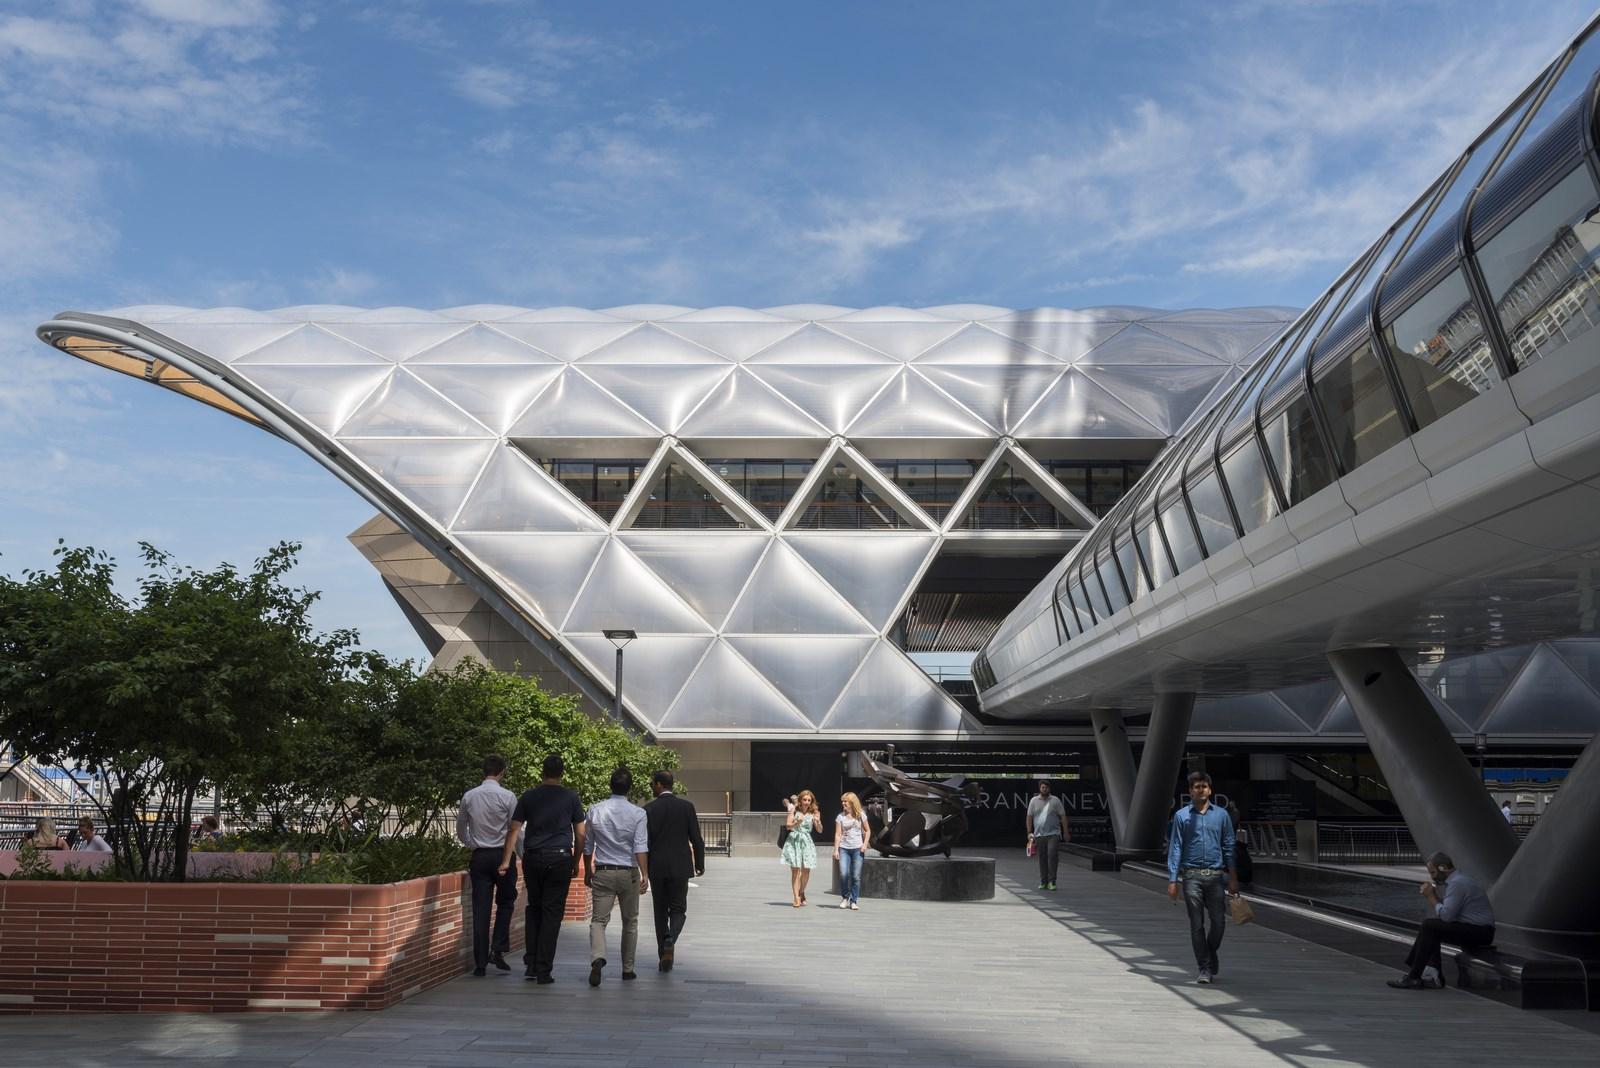 2015 - Estación de Crossrail y comercio minorista, Canary Wharf, Reino Unido